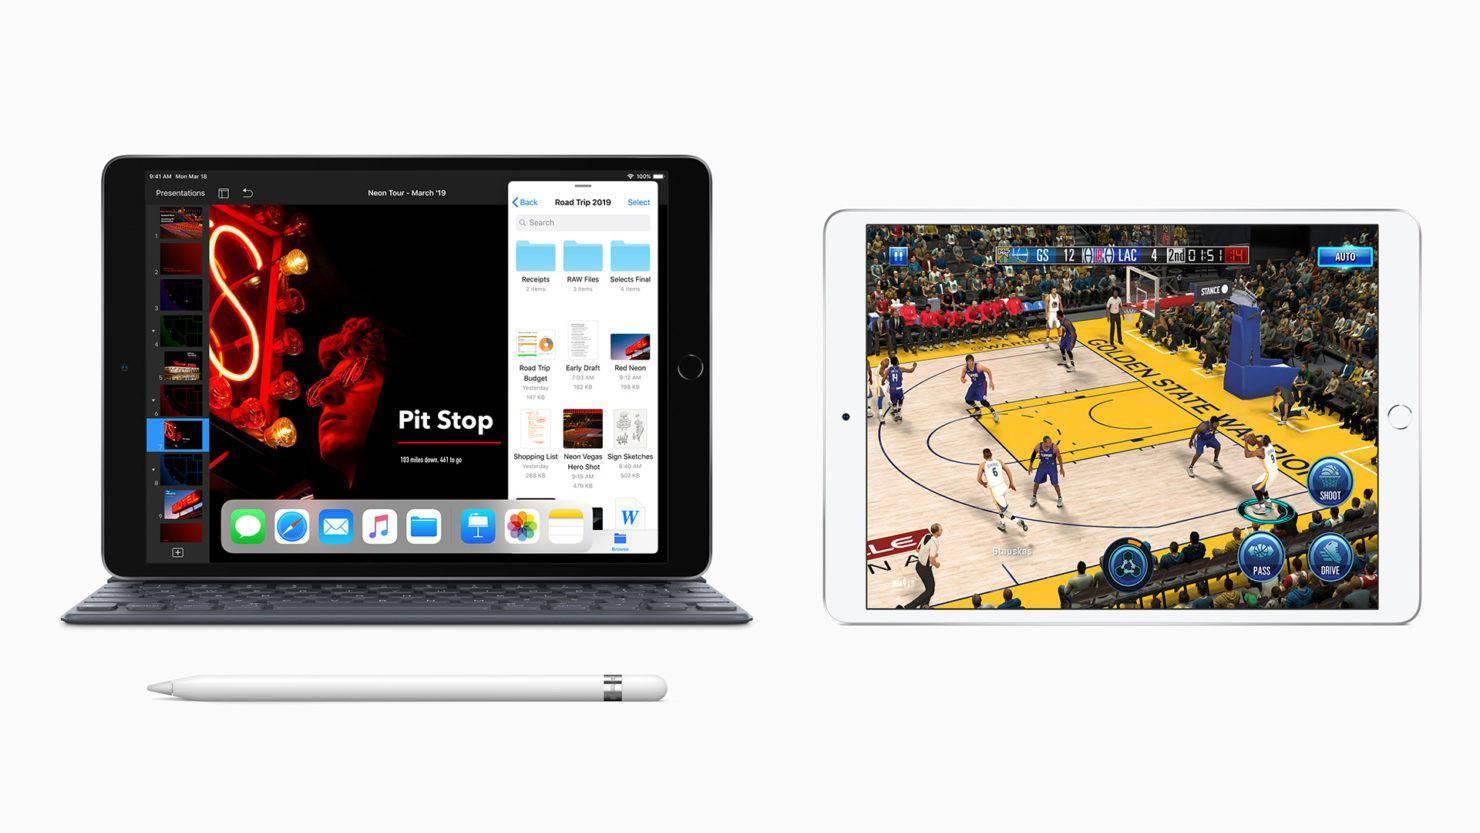 SpaceX龙飞船上的iPad曾出现无法联网的情况